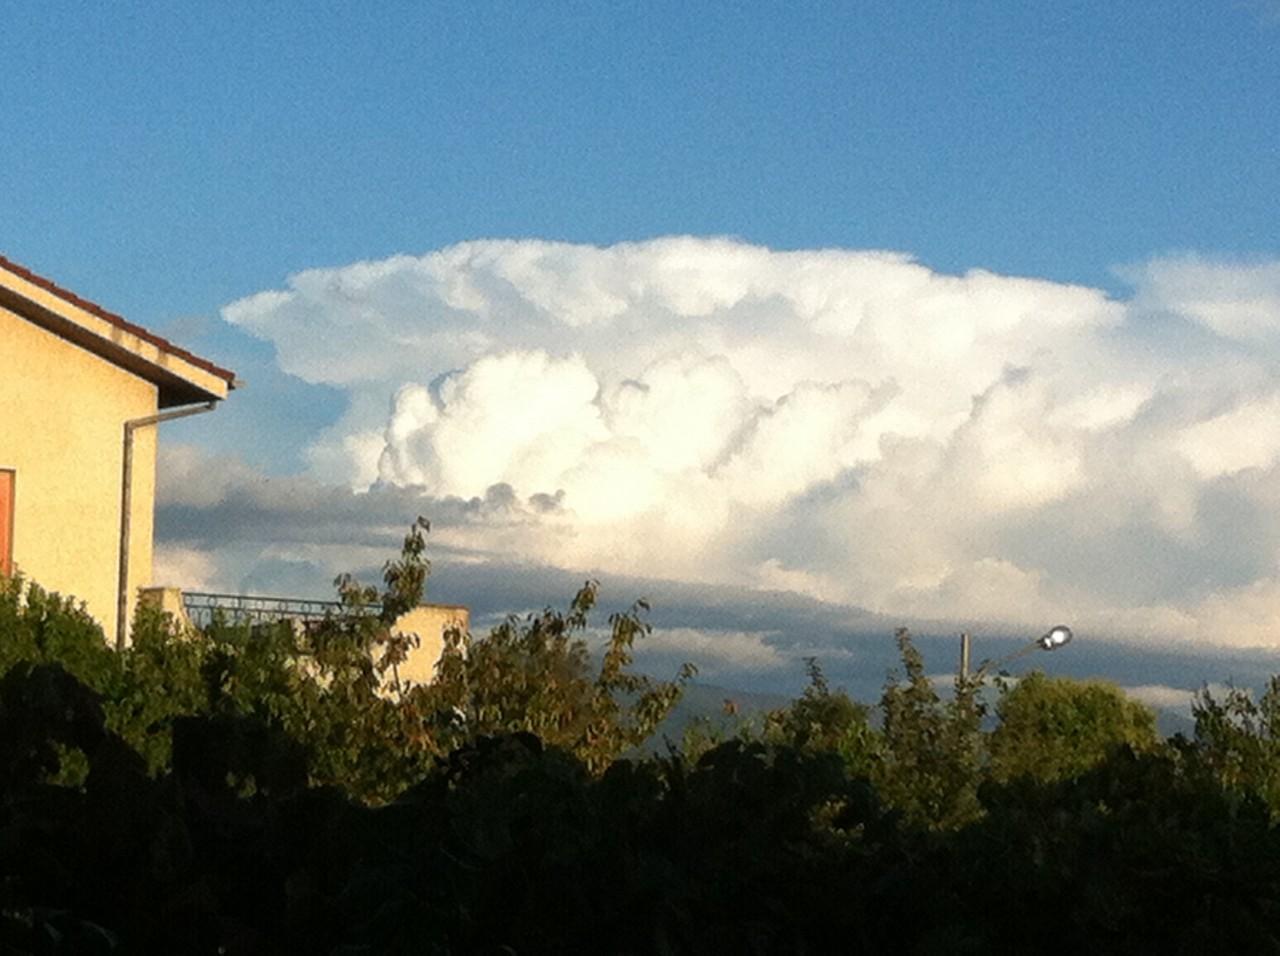 Meteo di venerdì 10 e sabato 11 agosto: estate mediterranea con qualche capriccio nelle aree interne